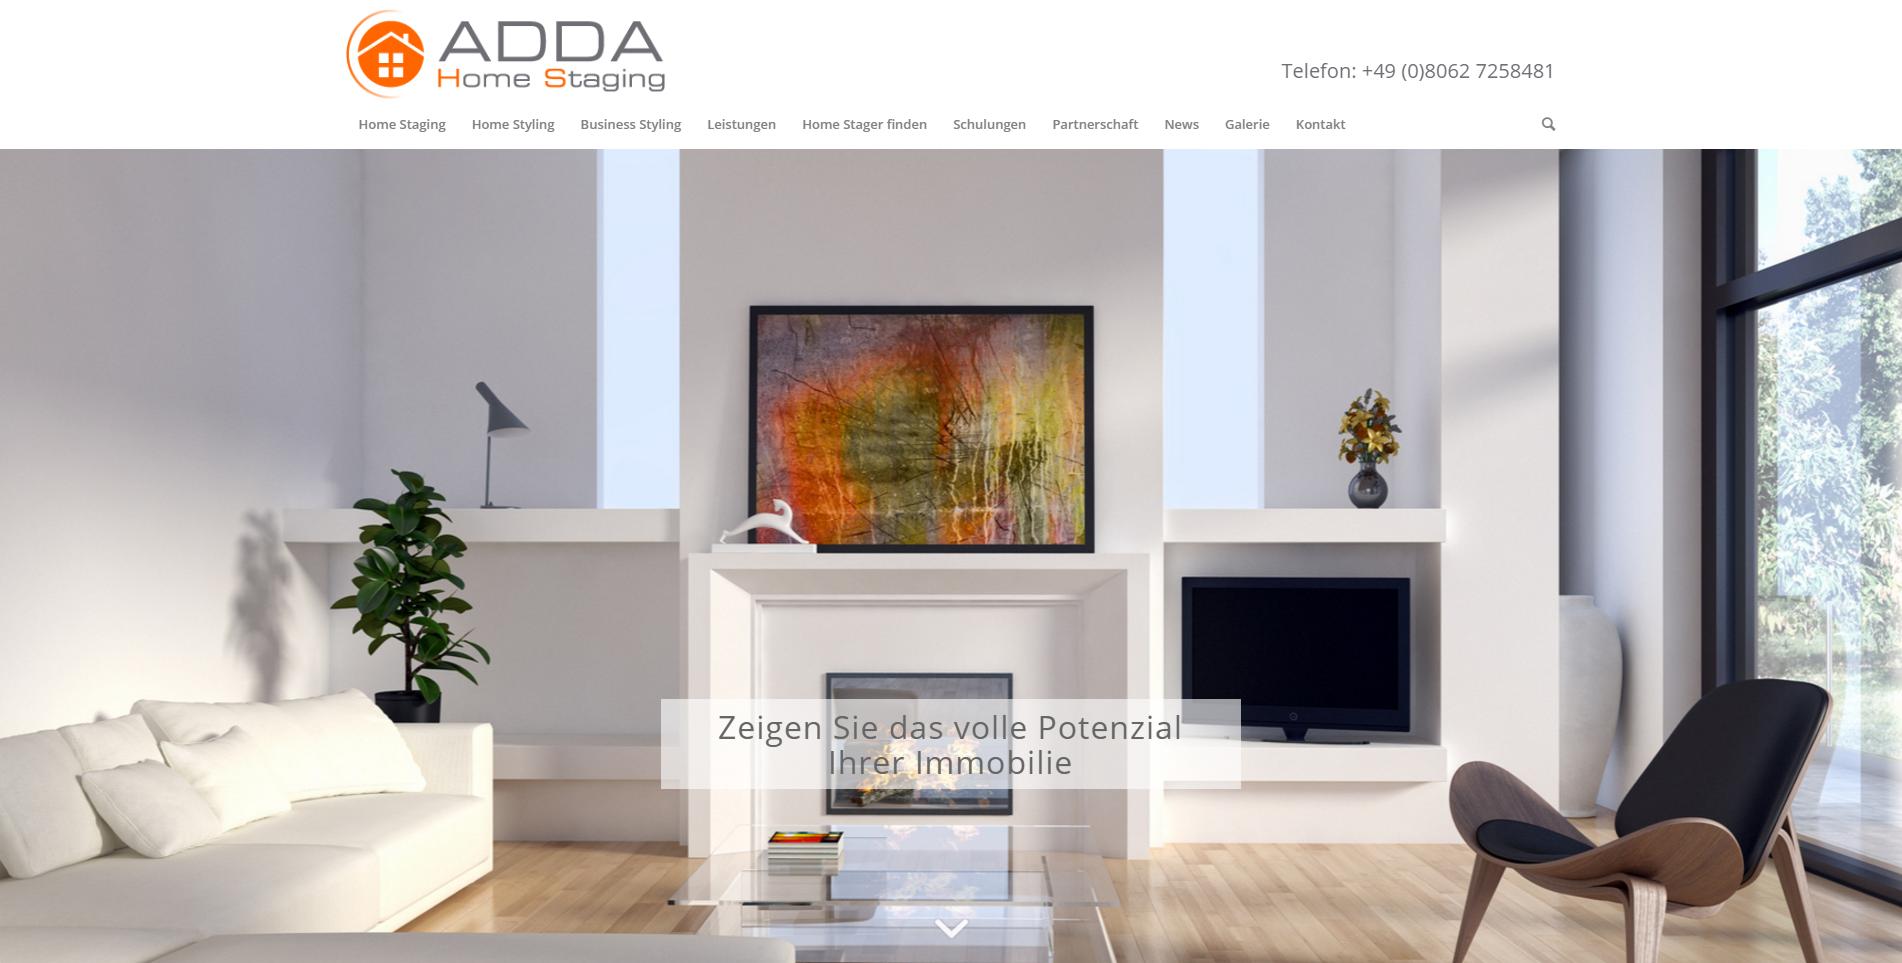 ADDA Homepage